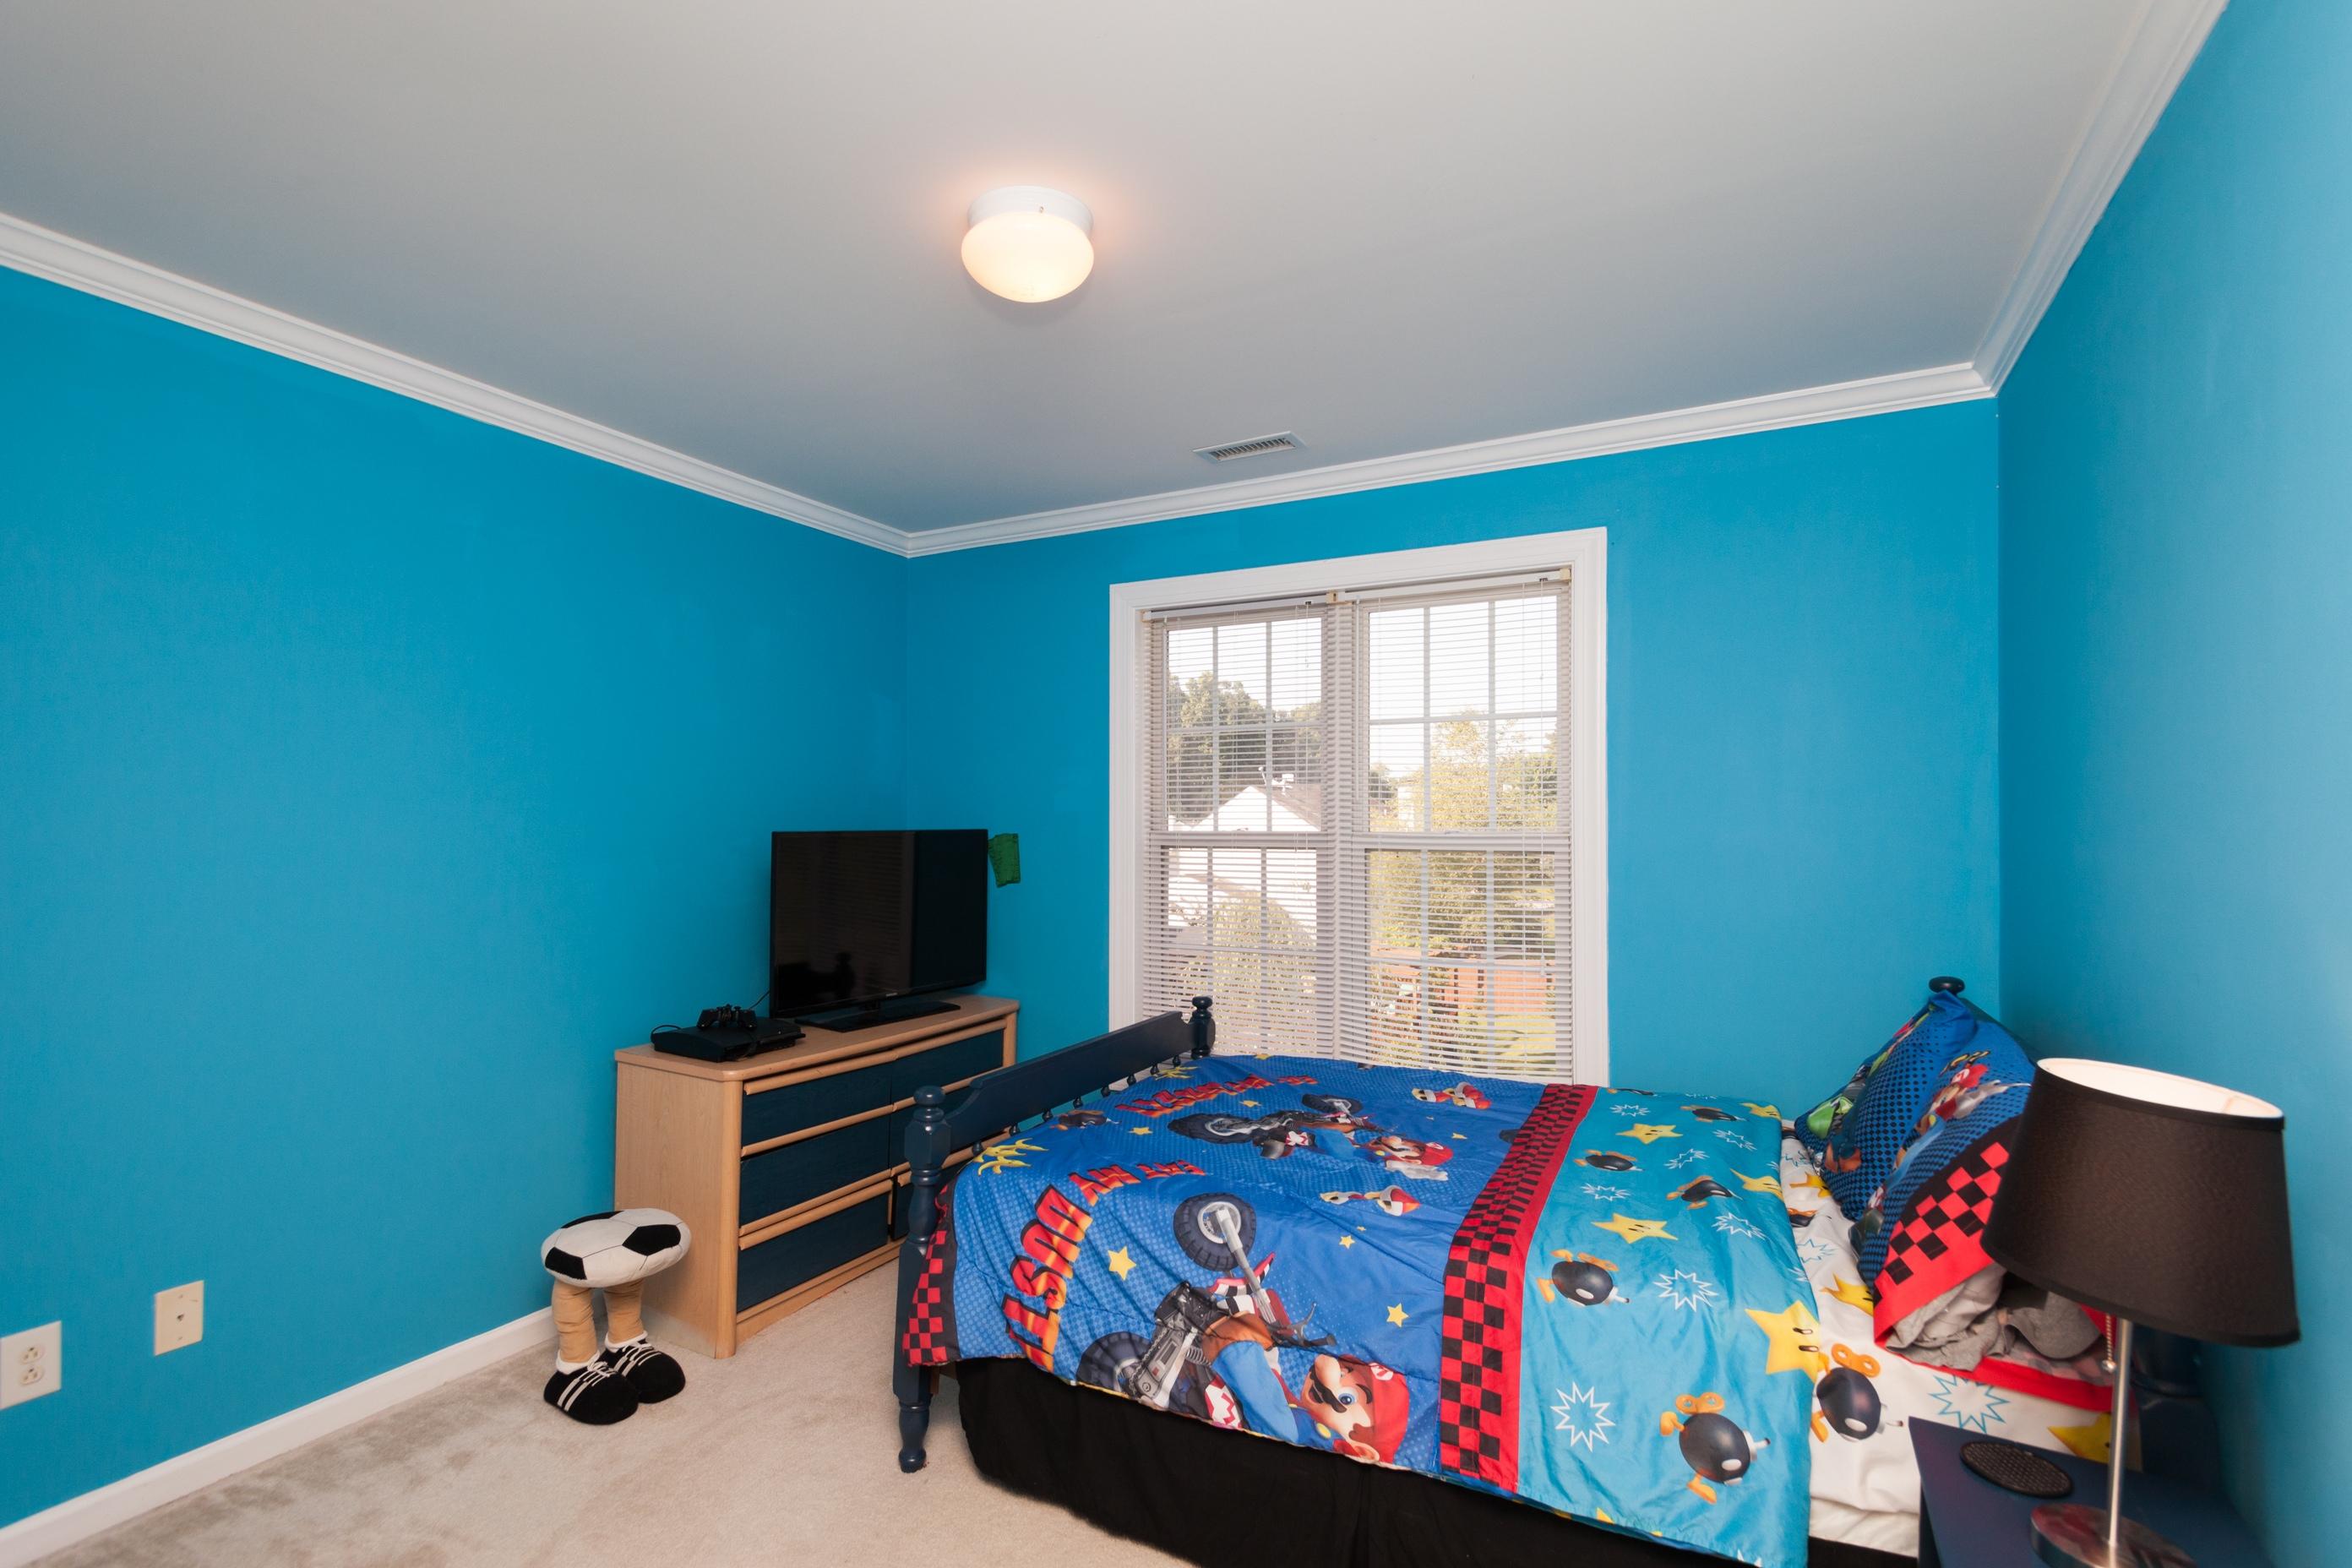 021_Bedroom 2